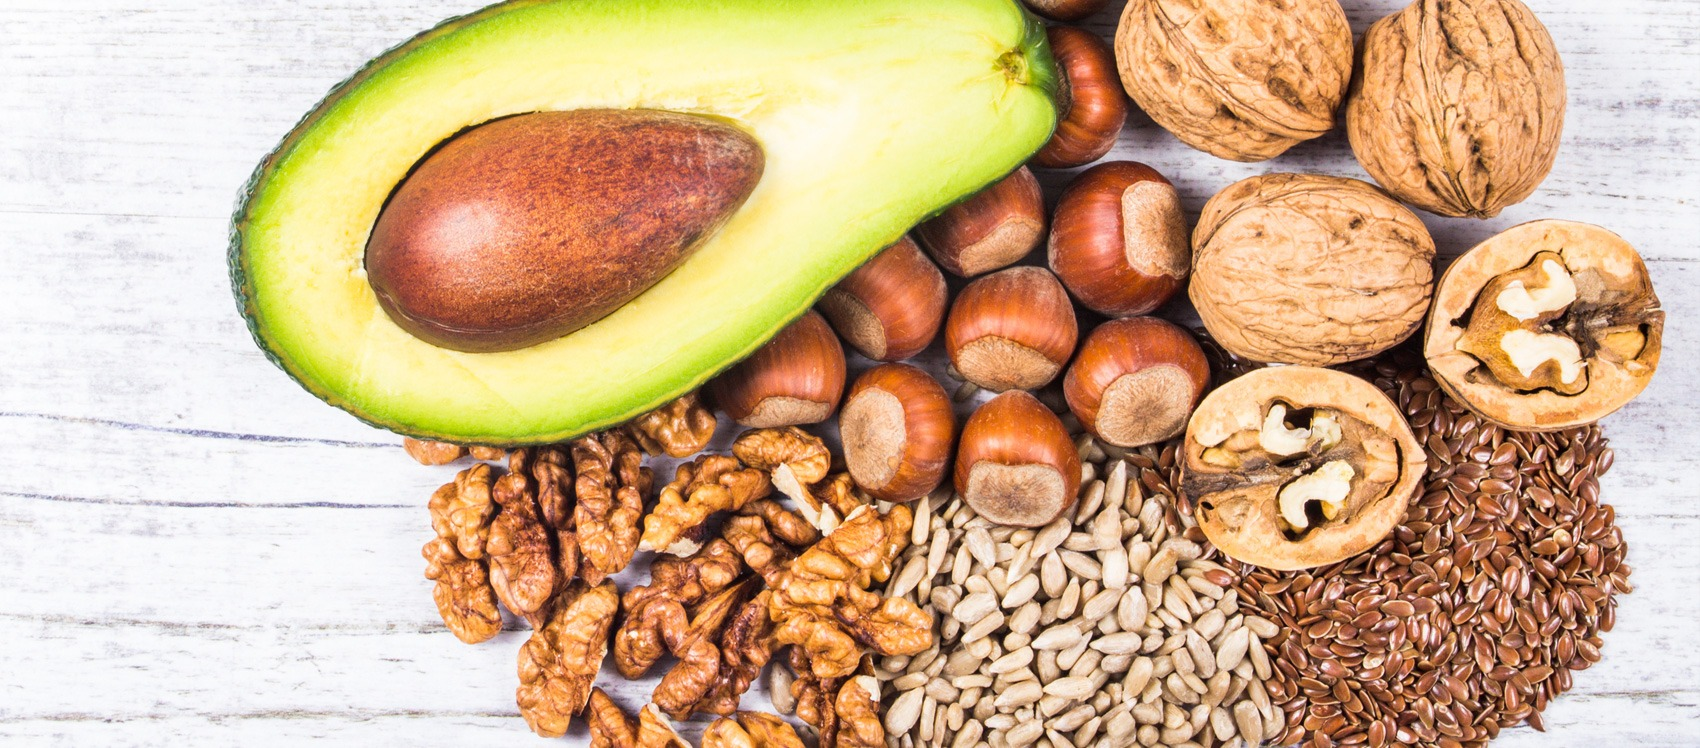 alimentos-ricos-en-ácidos-grasos-omega-3